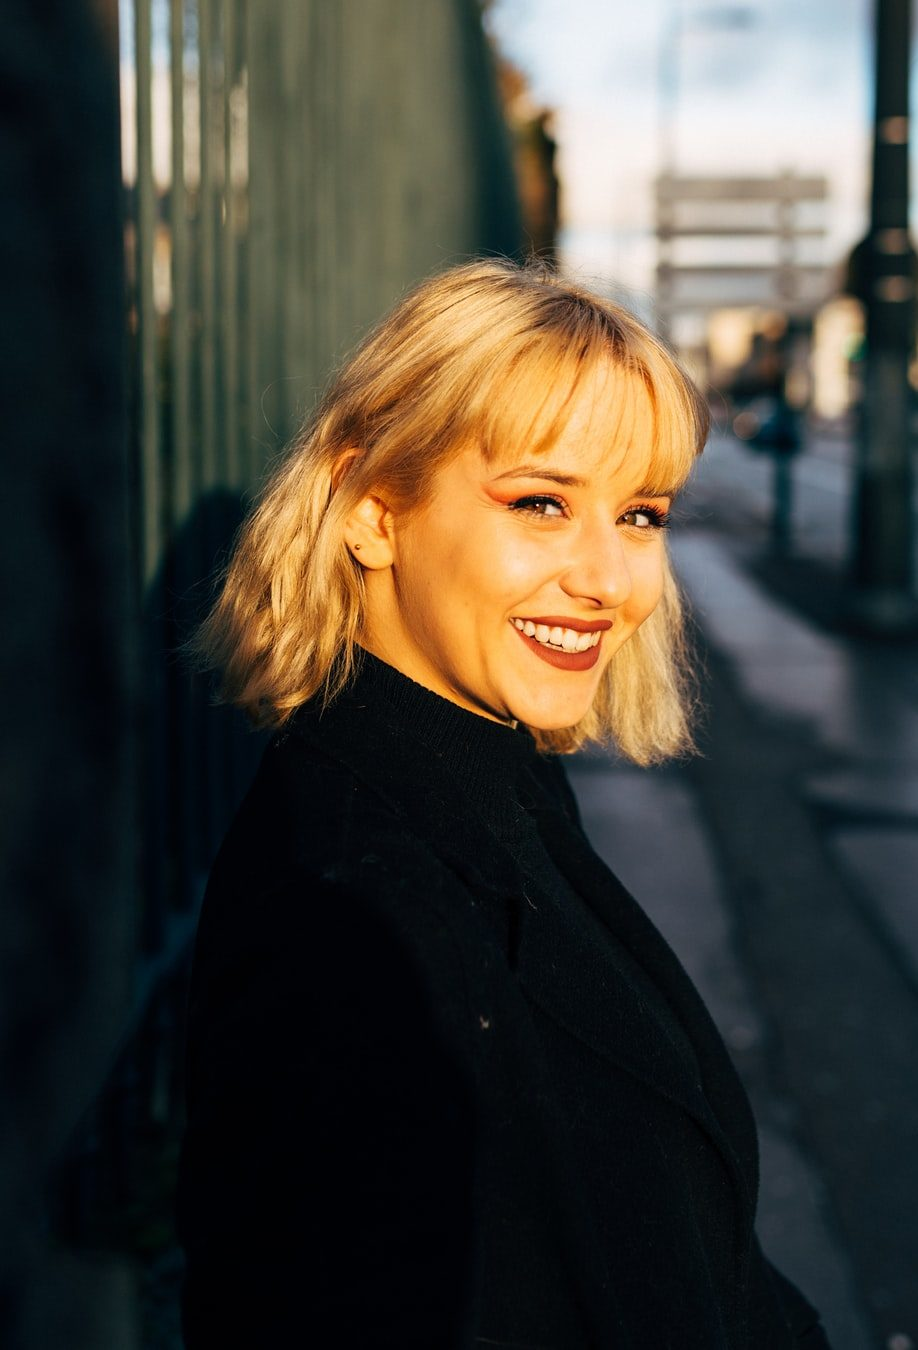 Femme blonde, avec une frange effilée et une coupe mi-longue